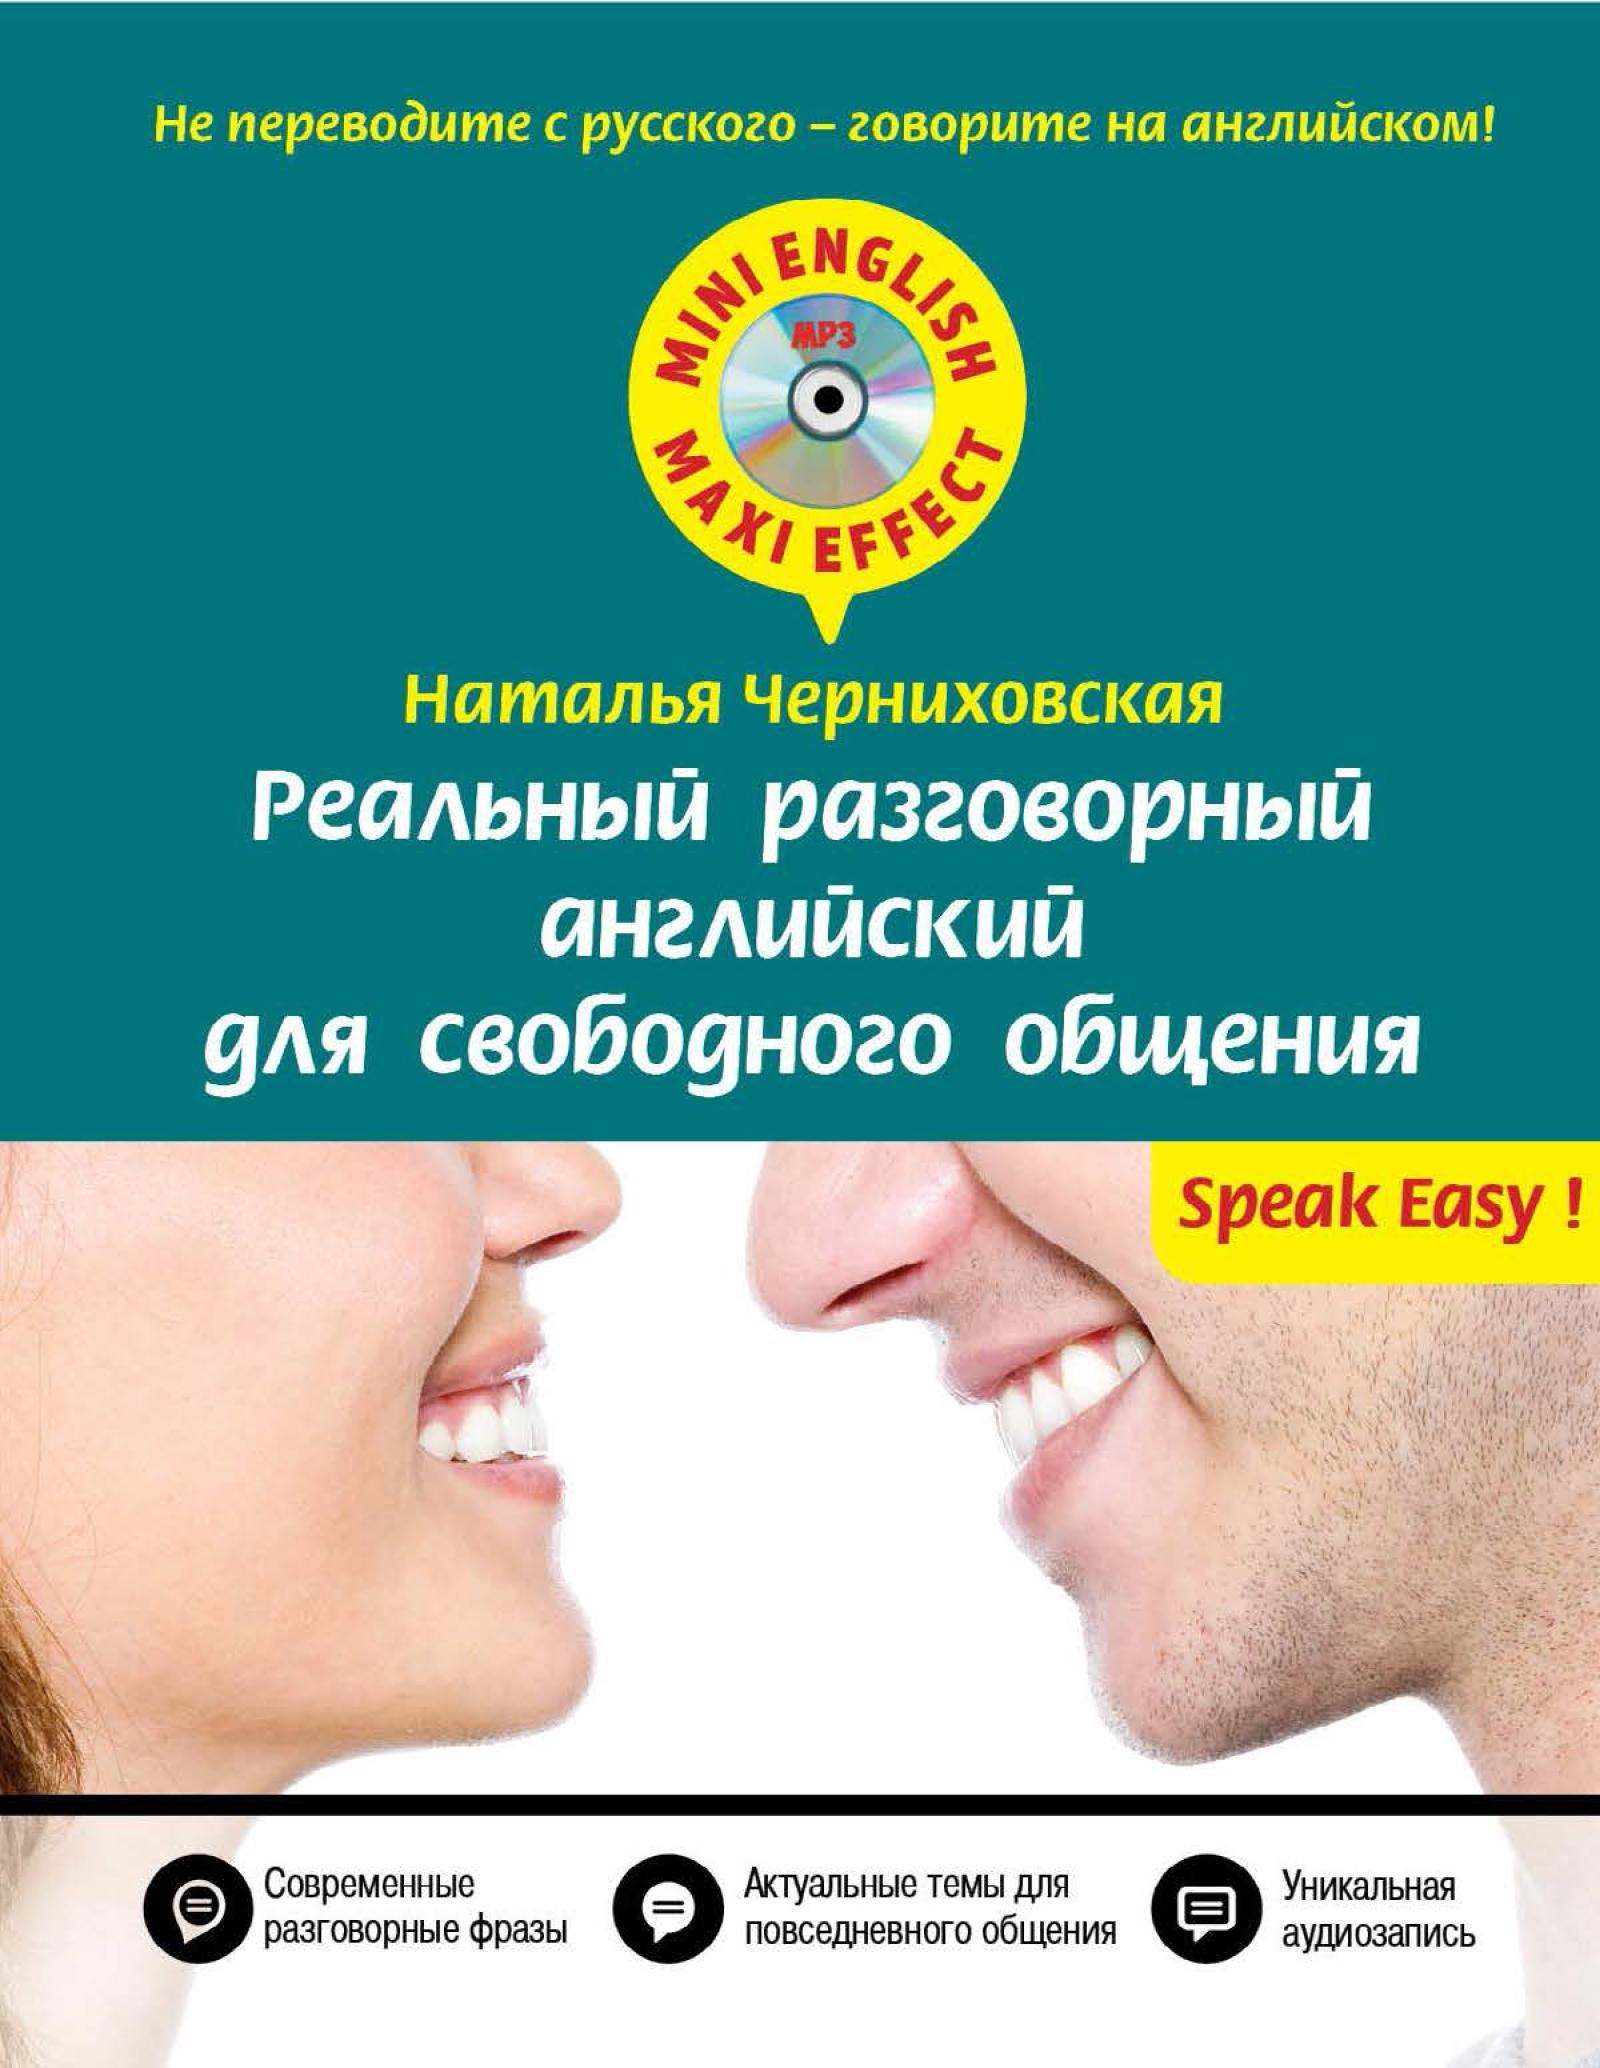 Наталья Черниховская Реальный разговорный английский для свободного общения (+MP3)